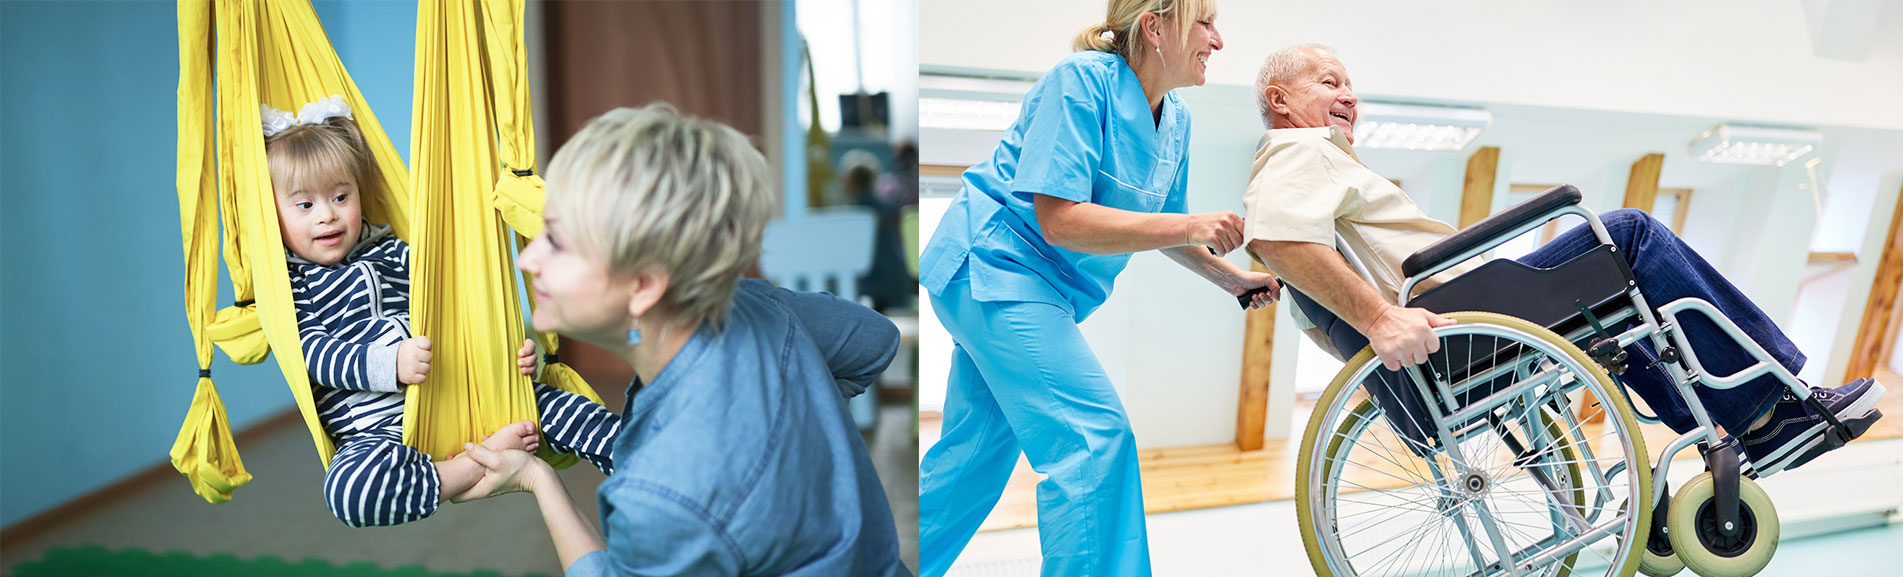 therapie mit körperlich oder geistig behinderten menschen